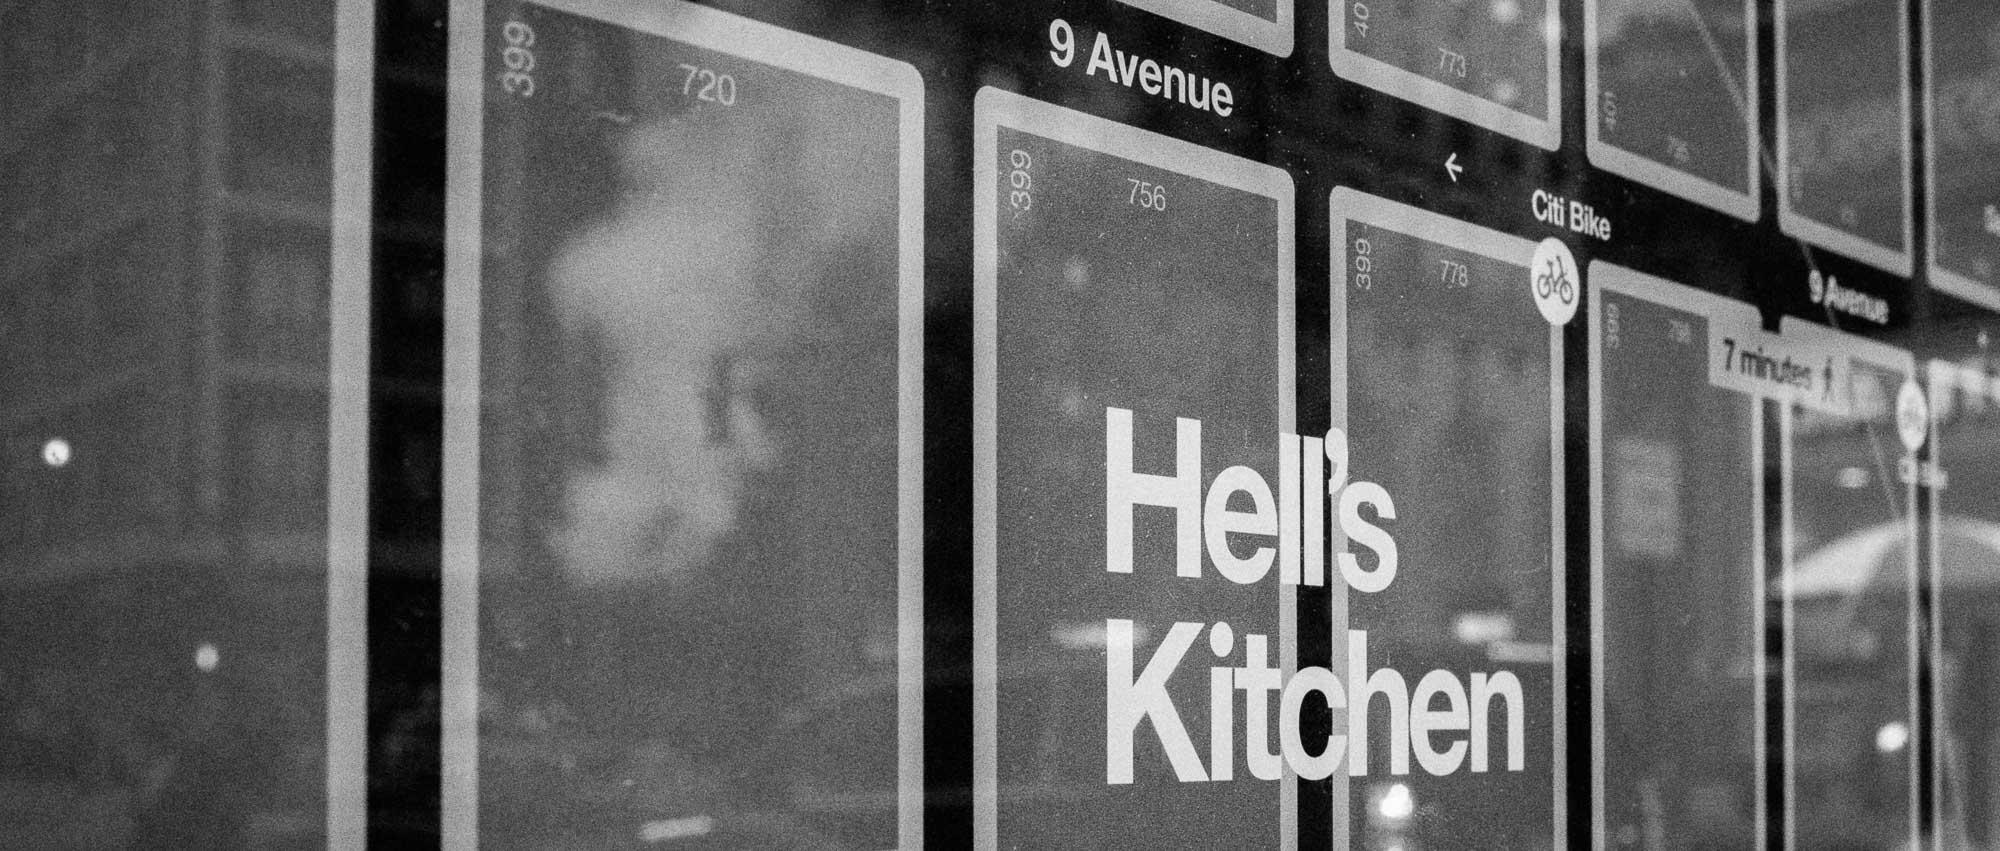 reise bericht new york gotham hells kitchen karte